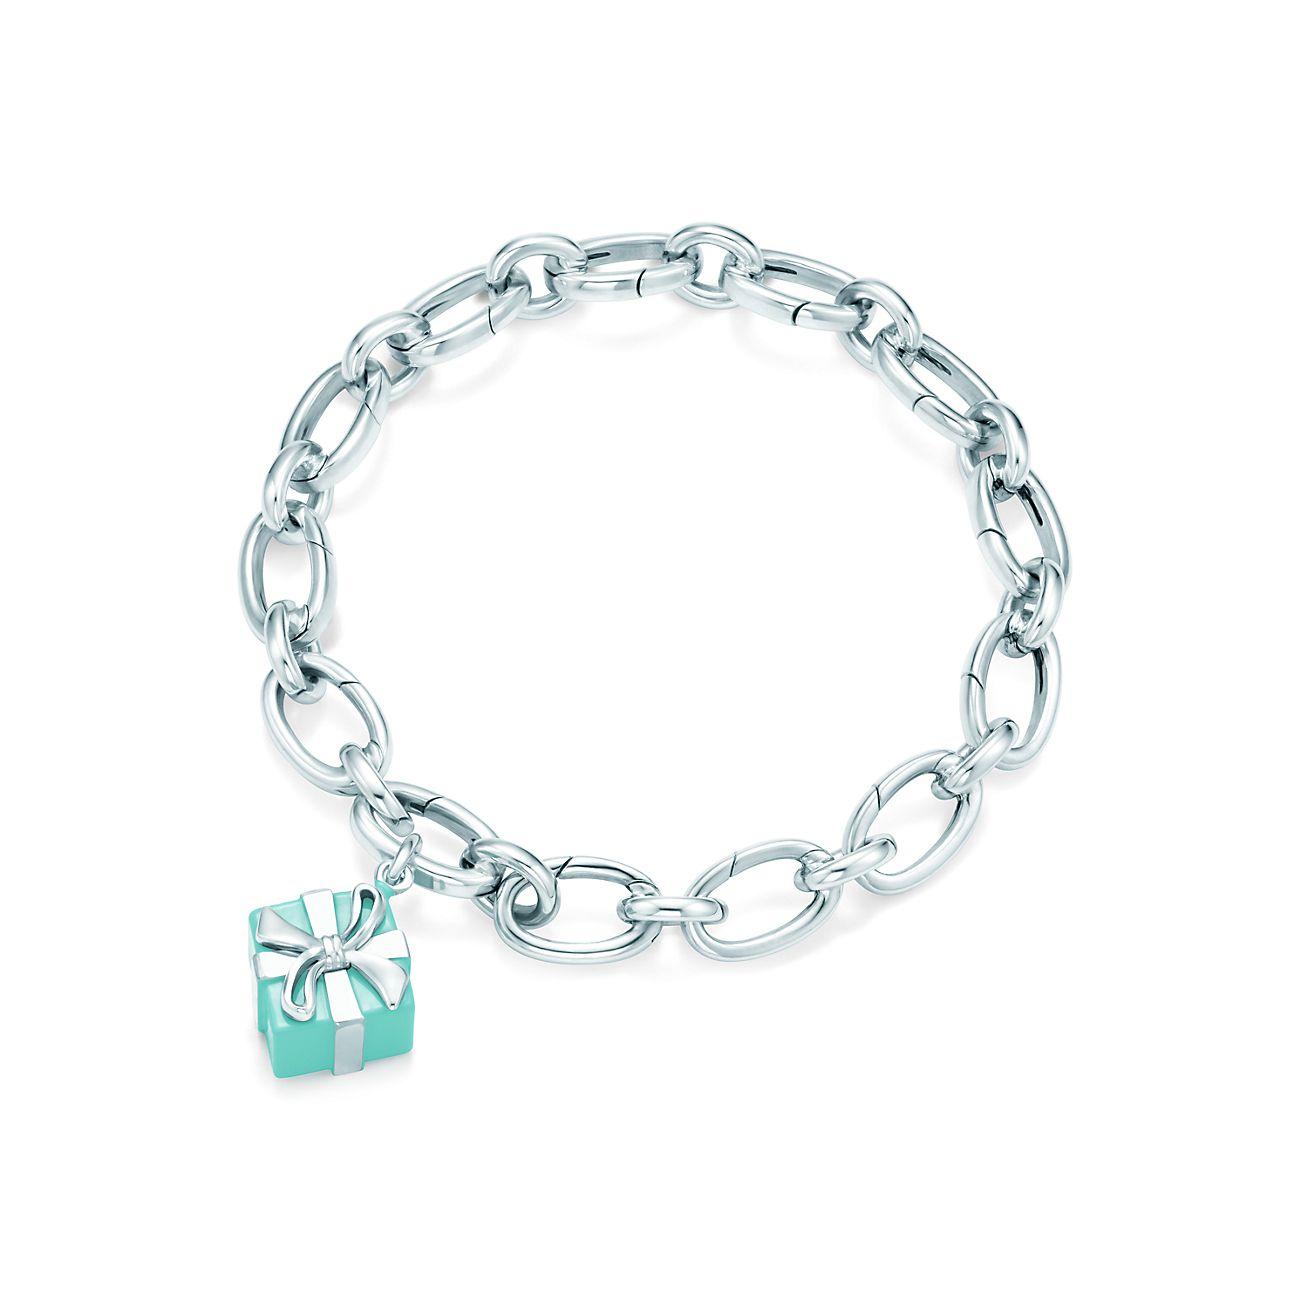 Tiffany Box charm in sterling silver Tiffany & Co.